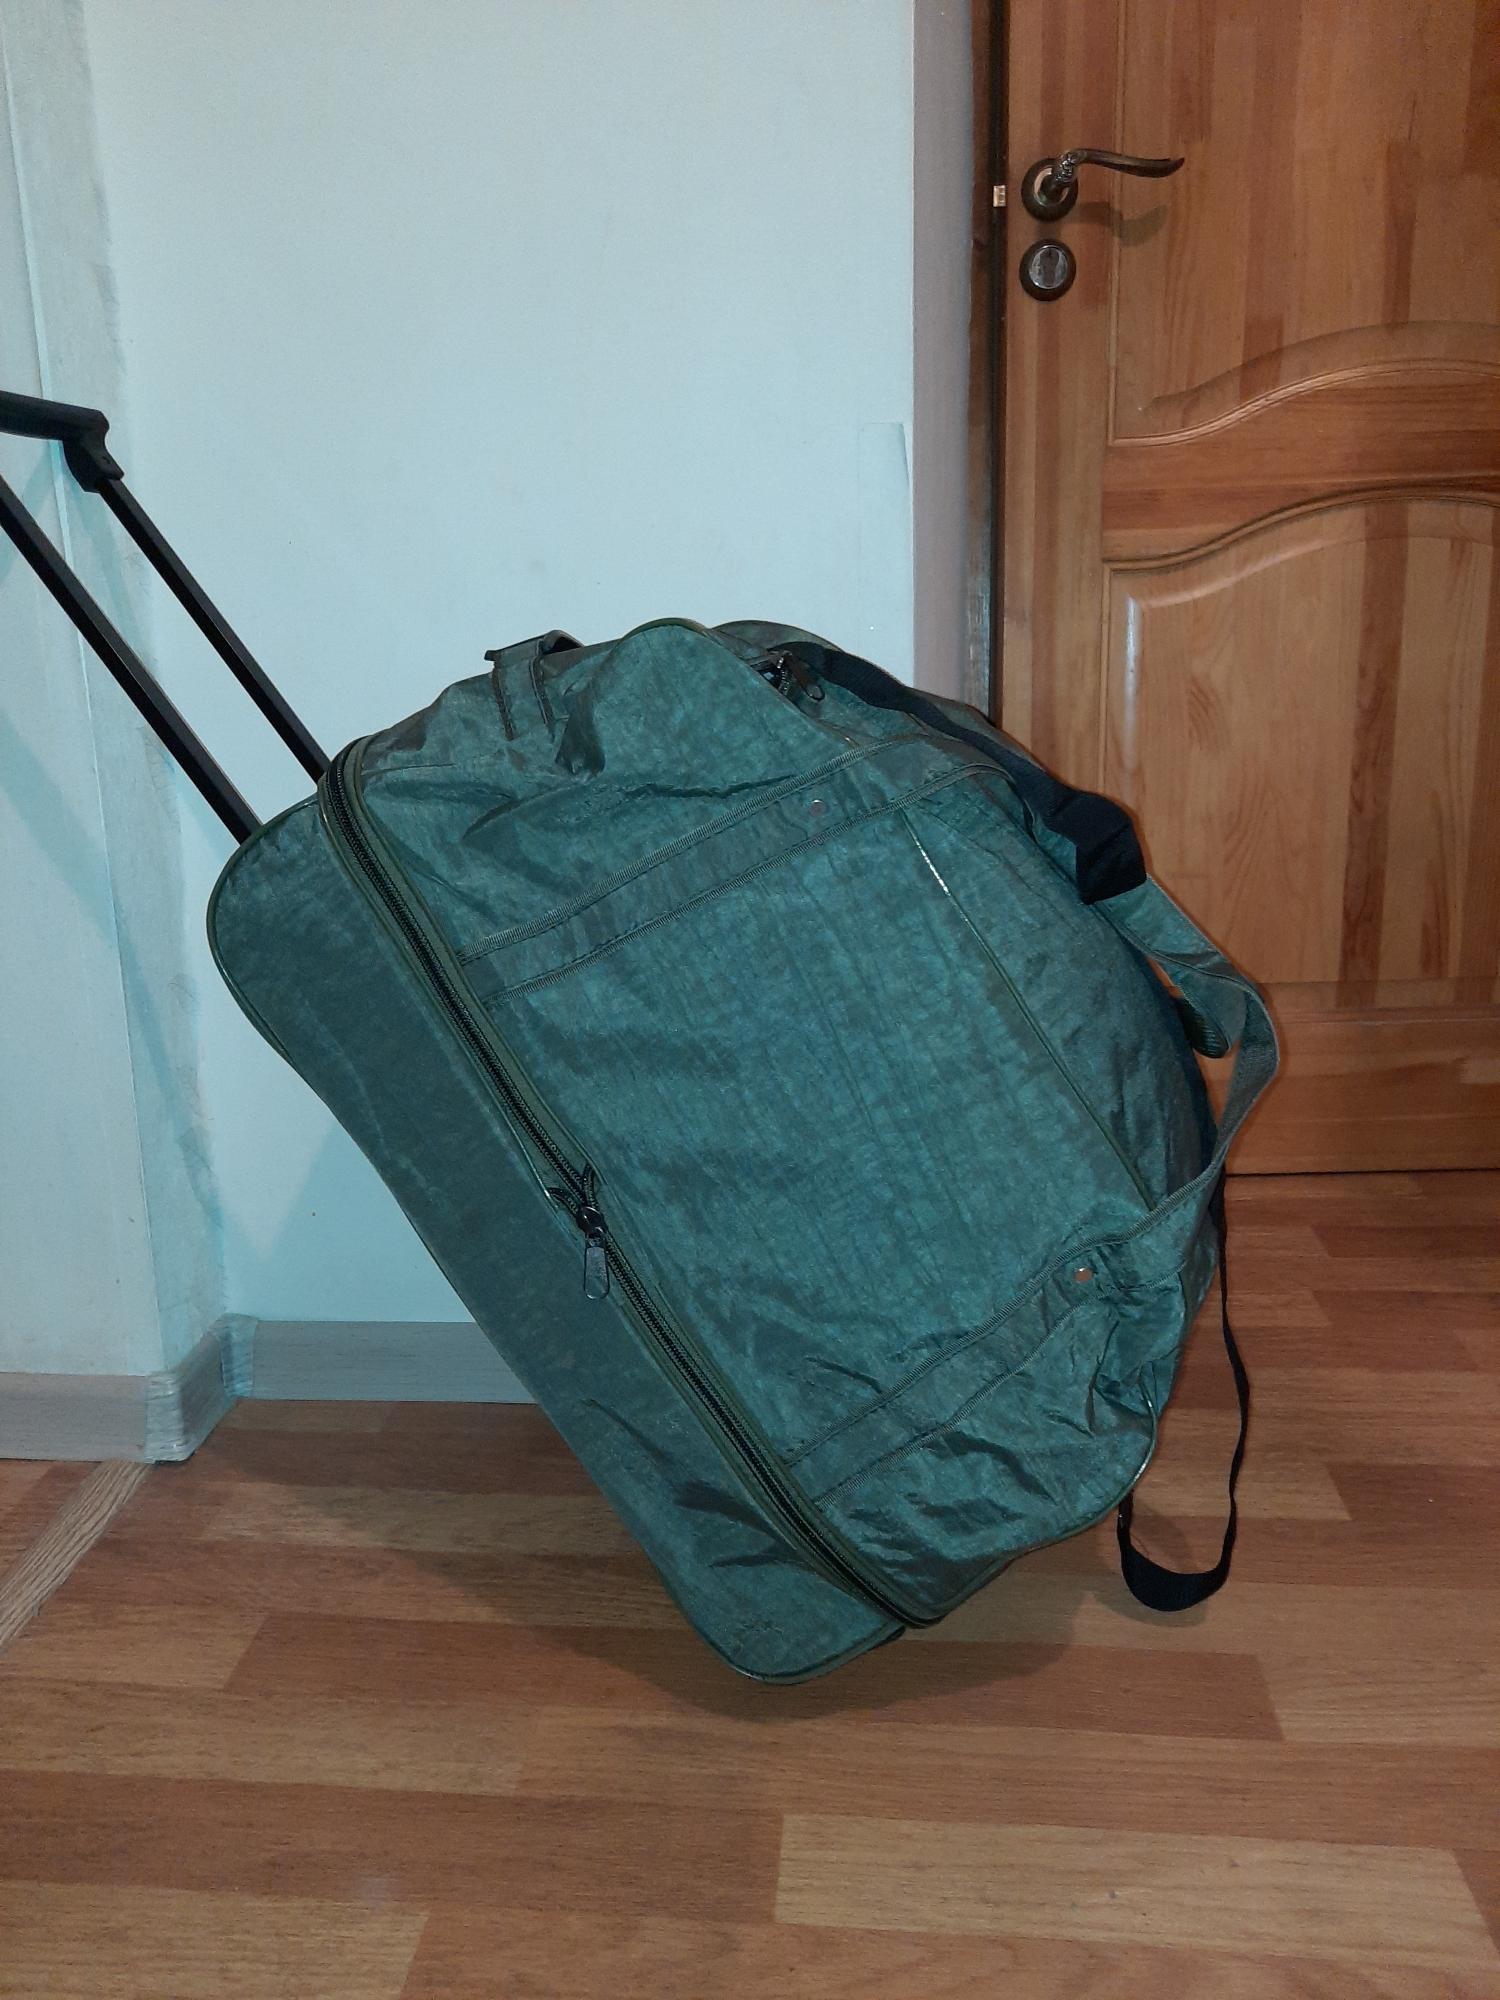 НОВАЯ дорожная сумка на колесах в Москве 89160314195 купить 2